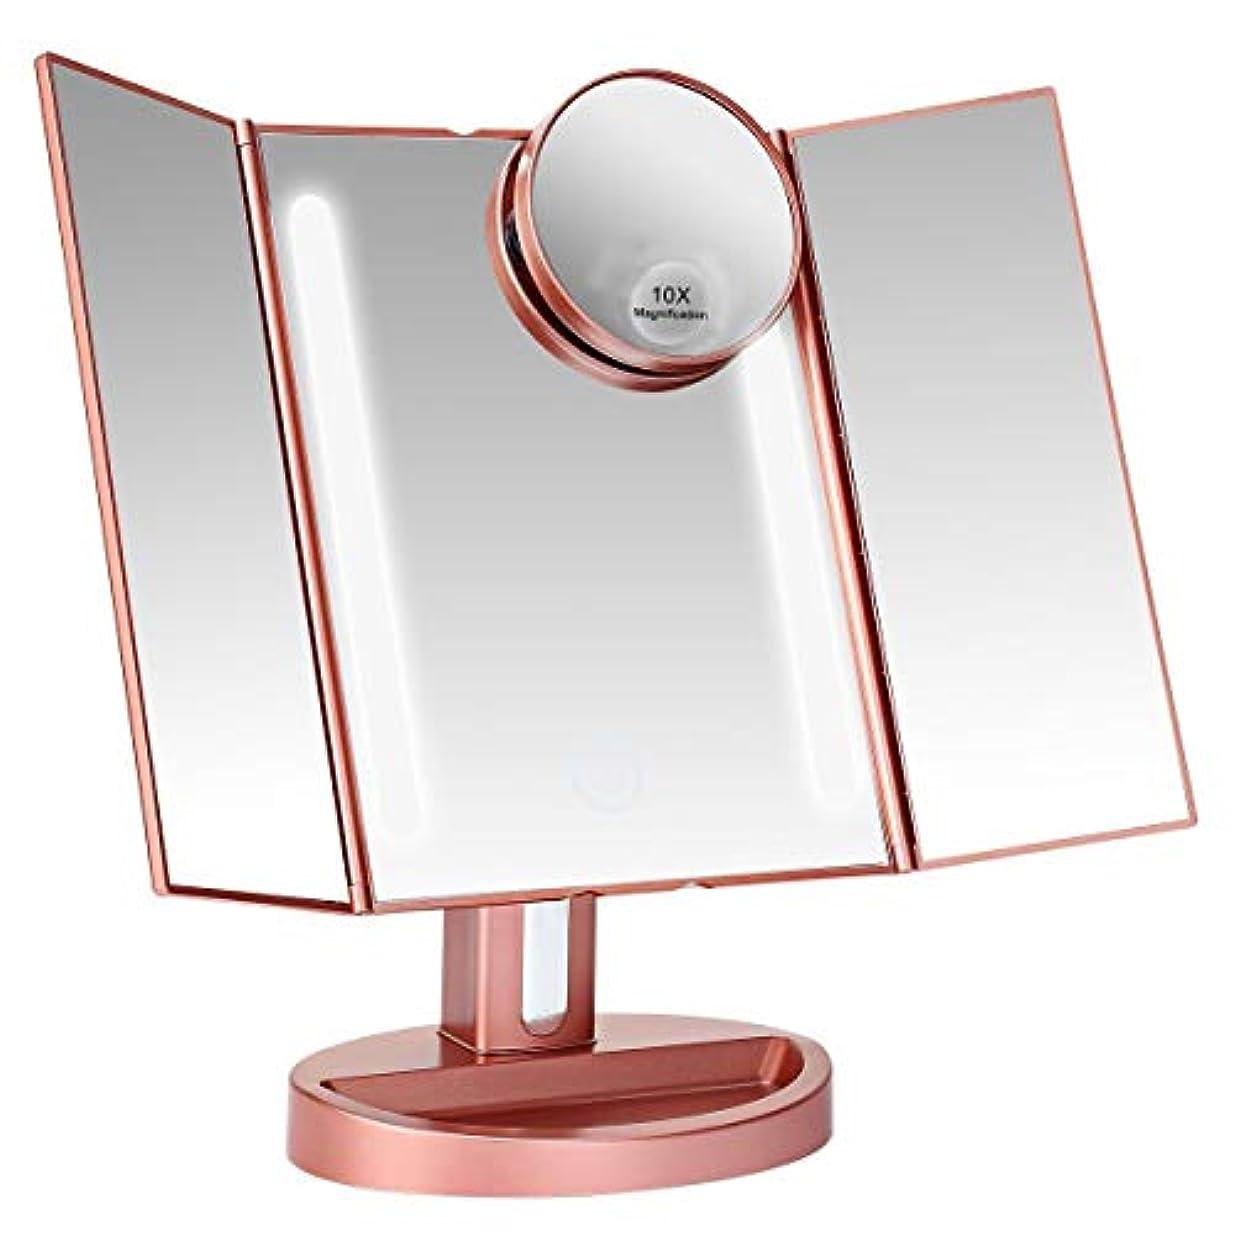 クロス思いつく変数化粧鏡 明るさ調節 180度回転 LED三面鏡 折りたたみ式 10倍拡大鏡付き